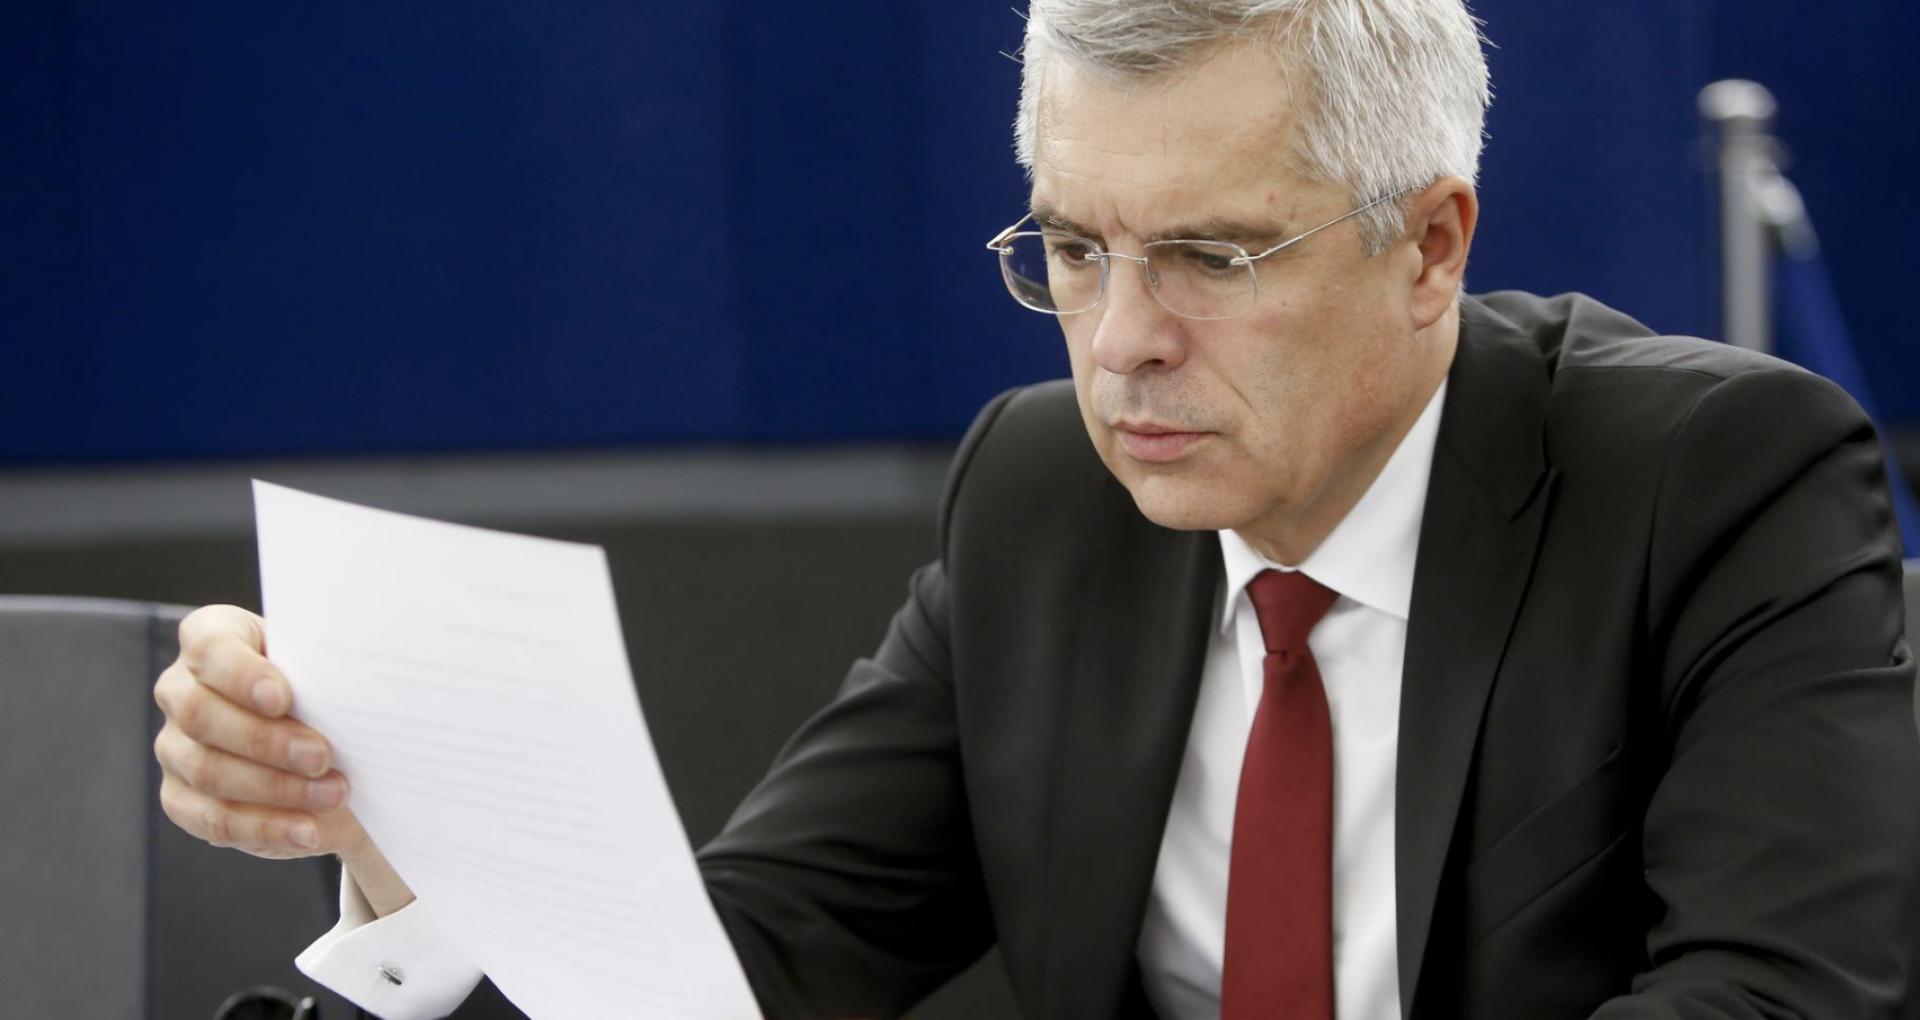 Ministrul afacerilor externe și europene al Republicii Slovace, Ivan Korčok, vine astăzi la Chișinău